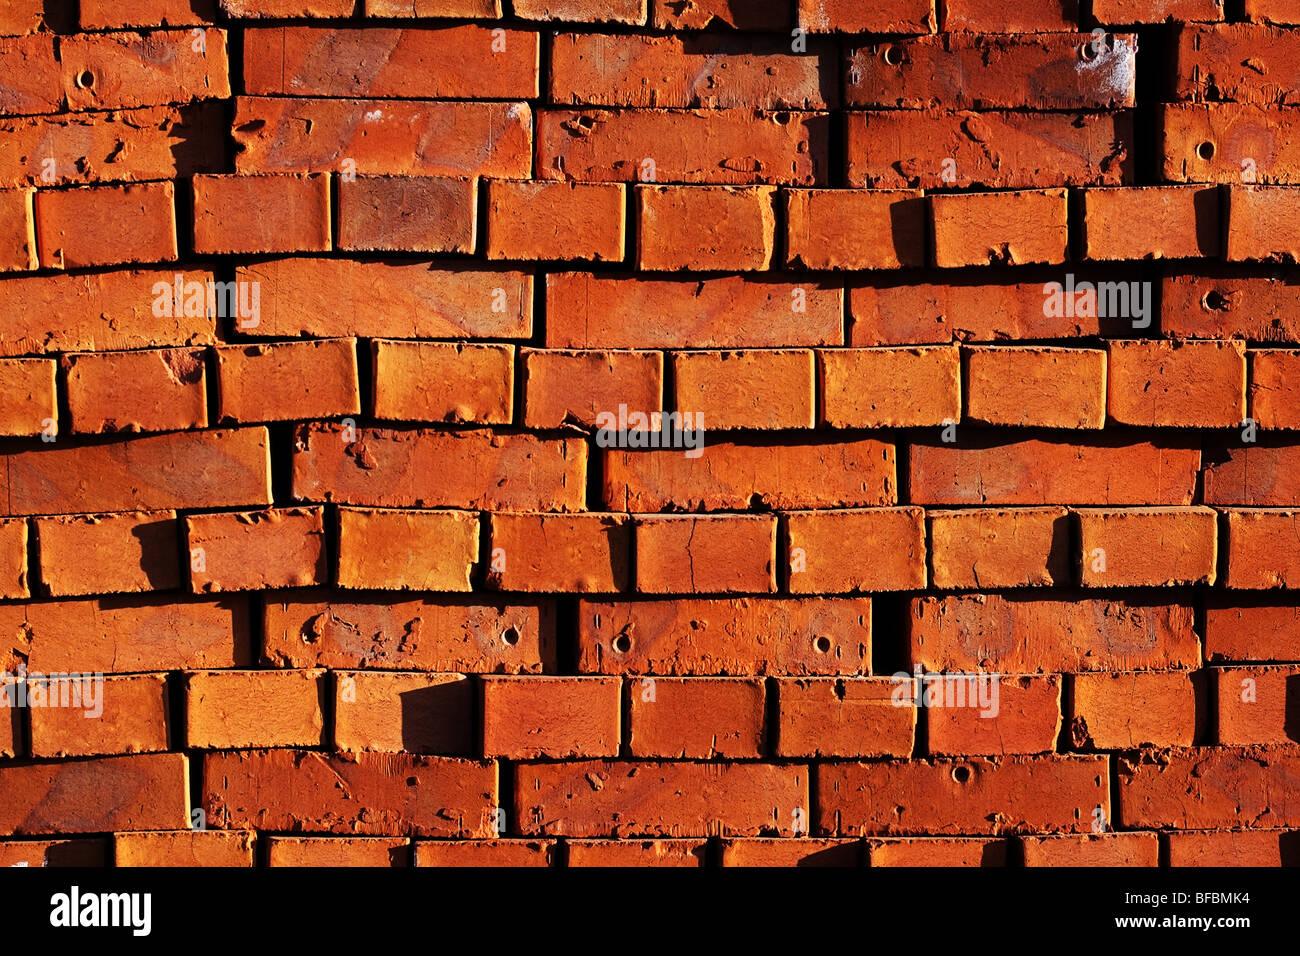 Des briques rouges arrière-plan. Photo Stock